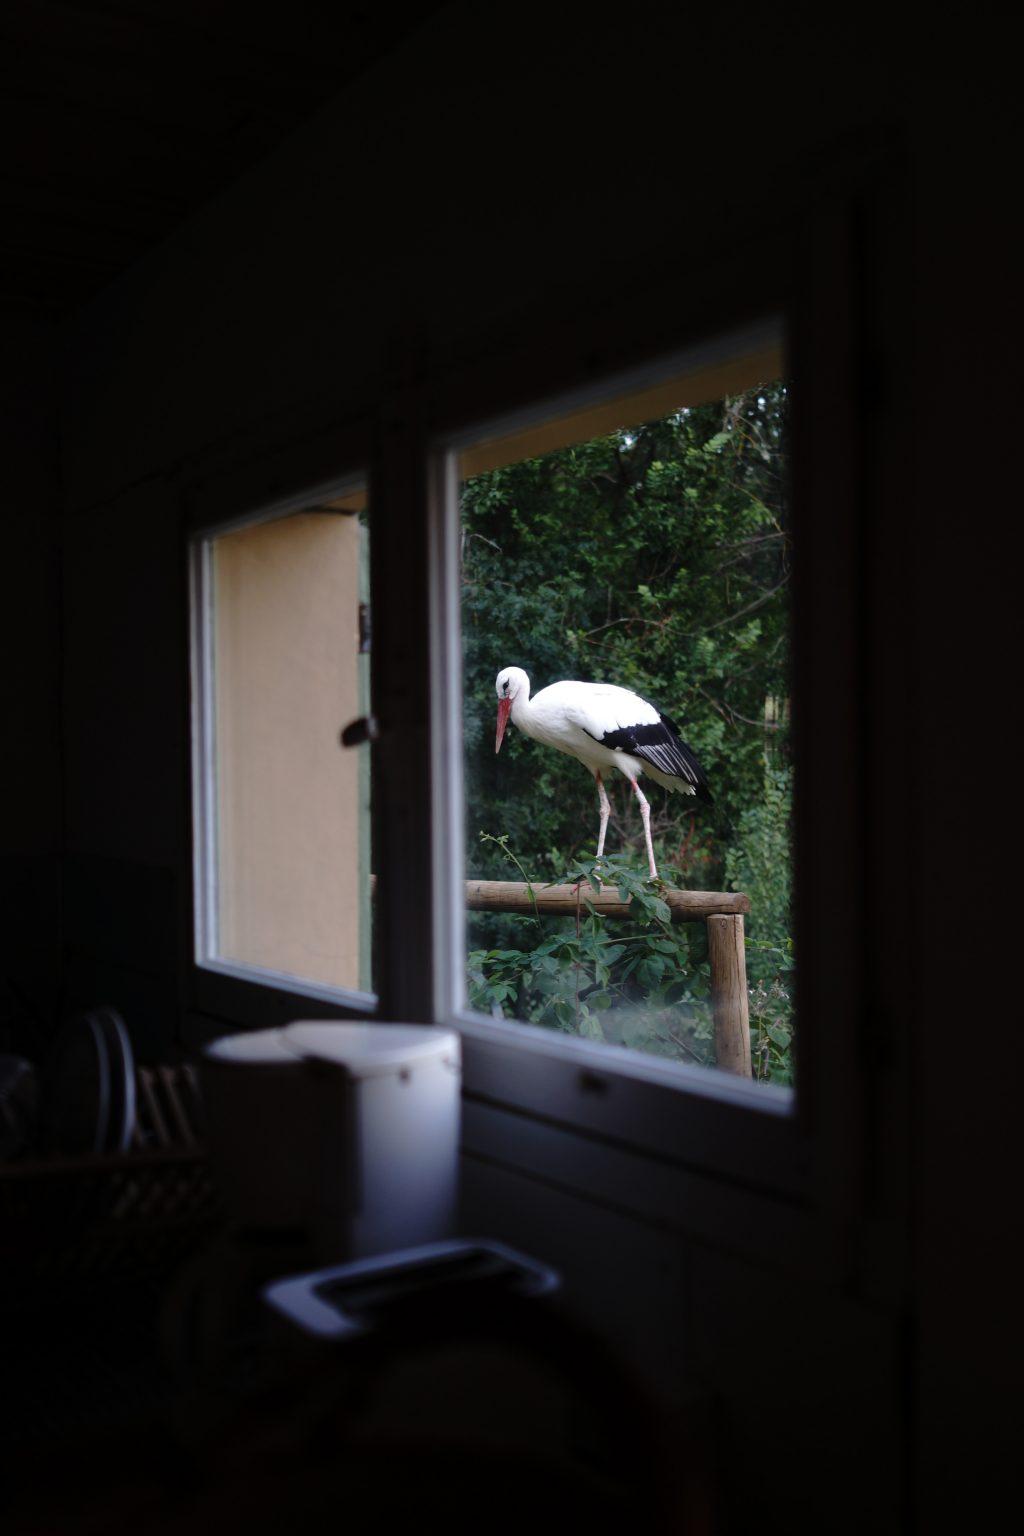 Valdivienne, France, August 2019 - The white stork Mildred seen from the kitchen window of Tristan Plot?s new house. >< Valdivienne, Francia, agosto 2019 -  La cicogna bianca Mildred vista dalla finestra della cucina della nuova casa di Tristan Plot.*** SPECIAL   FEE   APPLIES ***